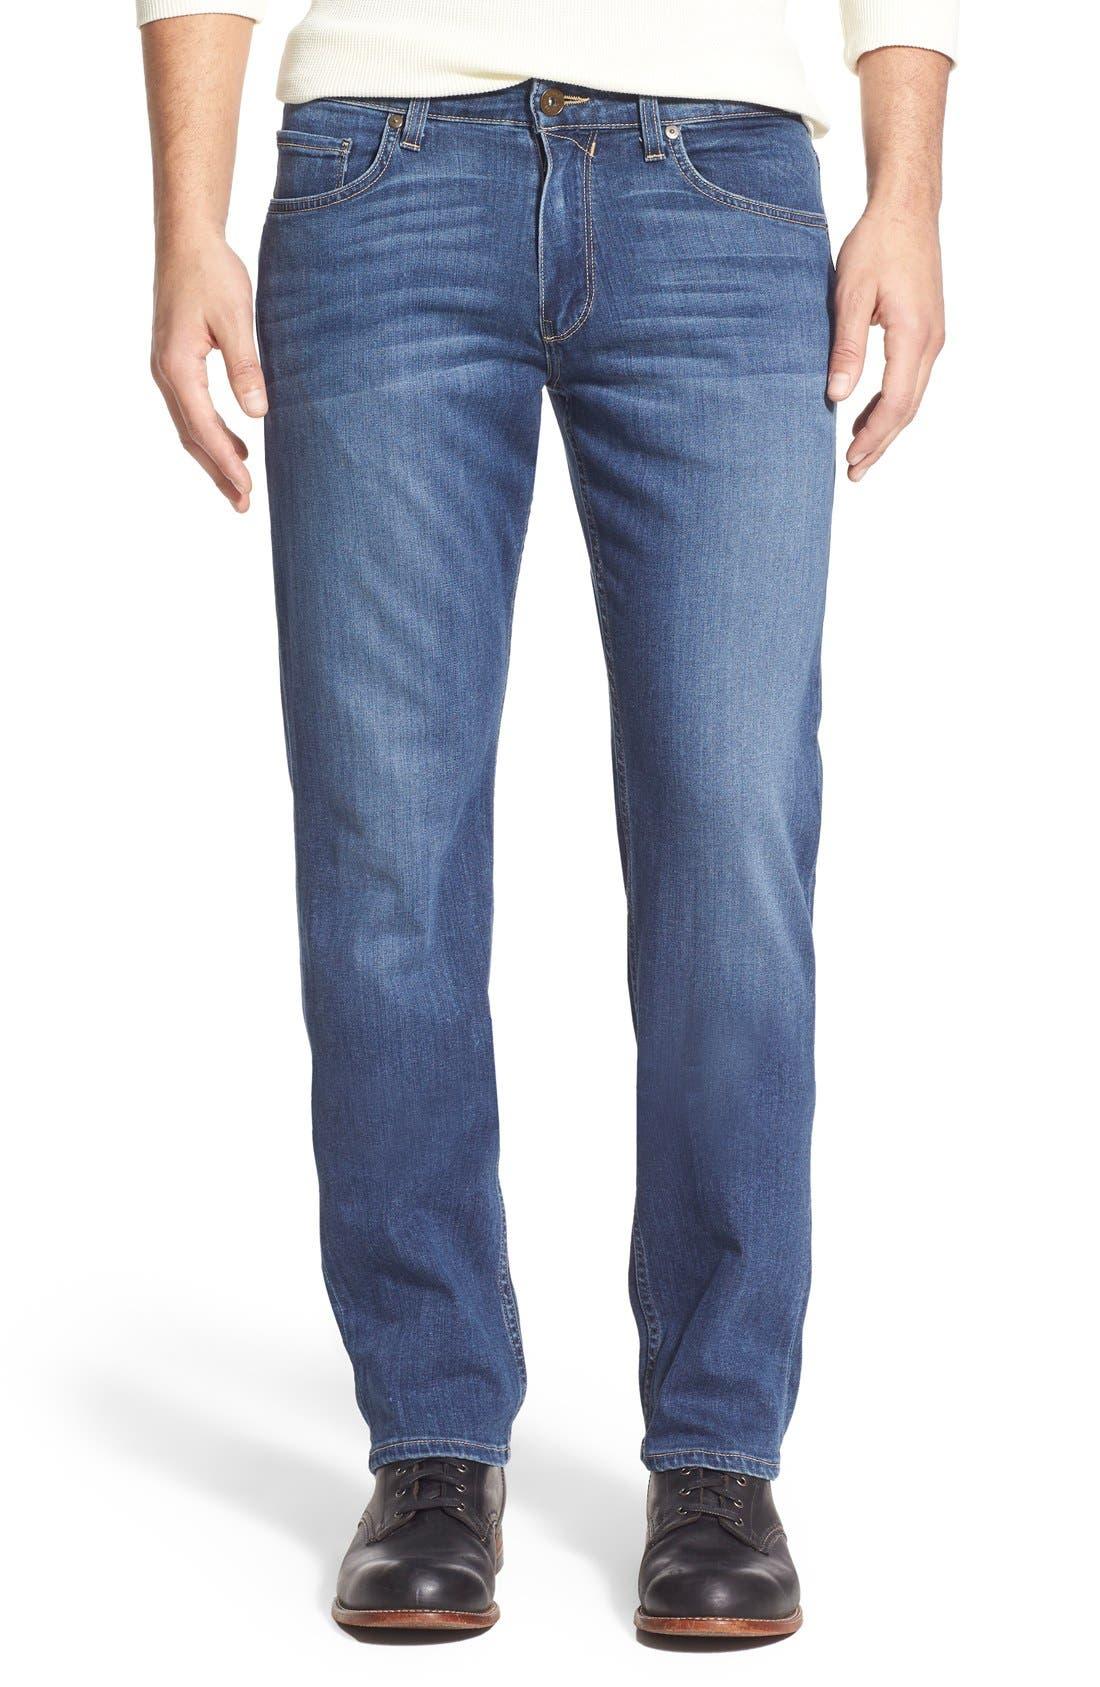 PAIGE 'Normandie - TRANSCEND' Straight Leg Jeans